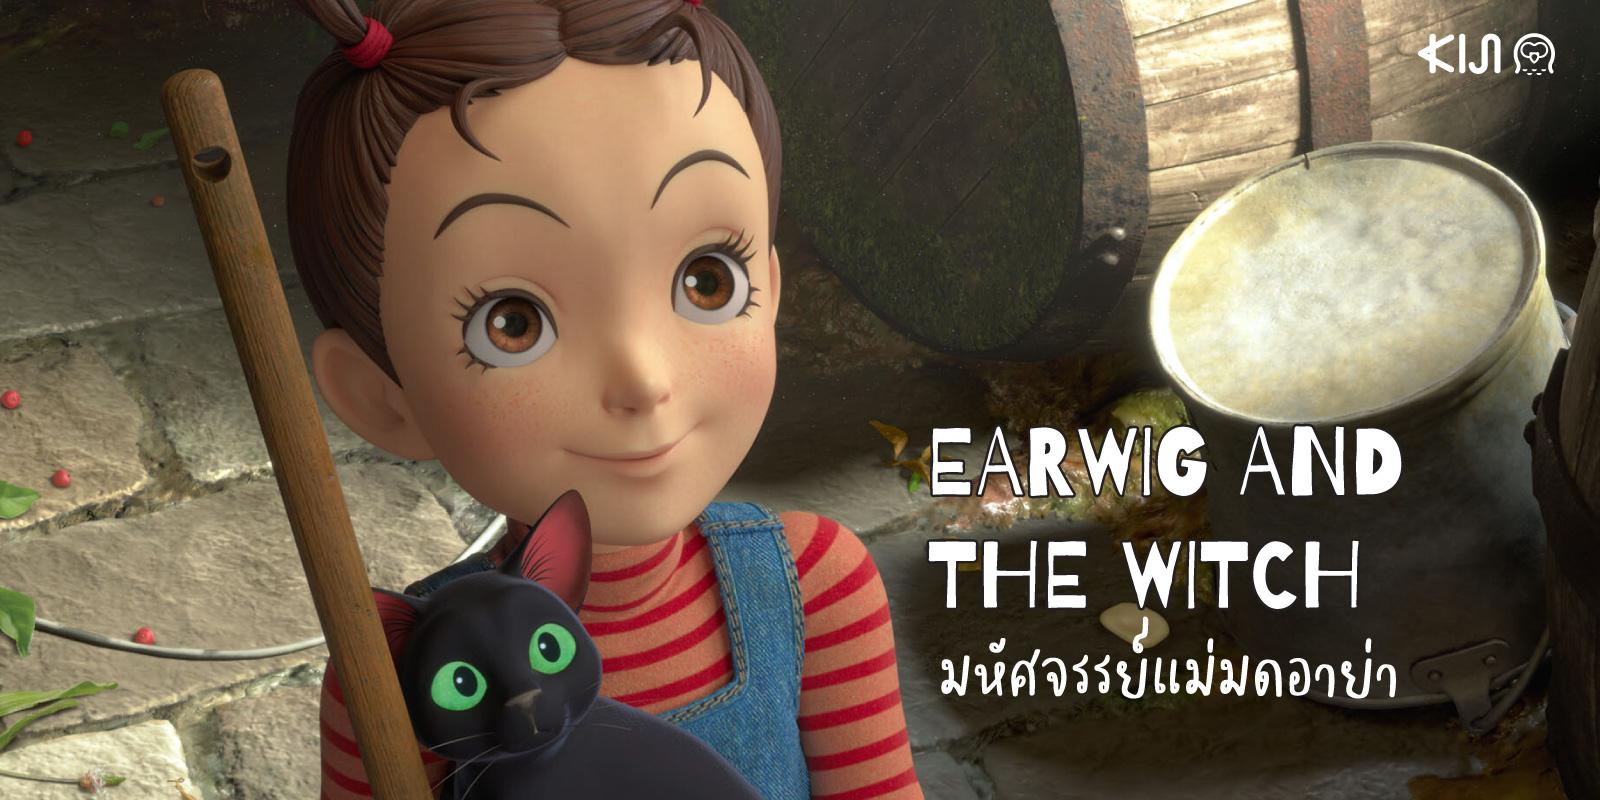 EARWIG AND THE WITCH แอนิเมชัน 3D เรื่องแรกจากสตูดิโอจิบลิ